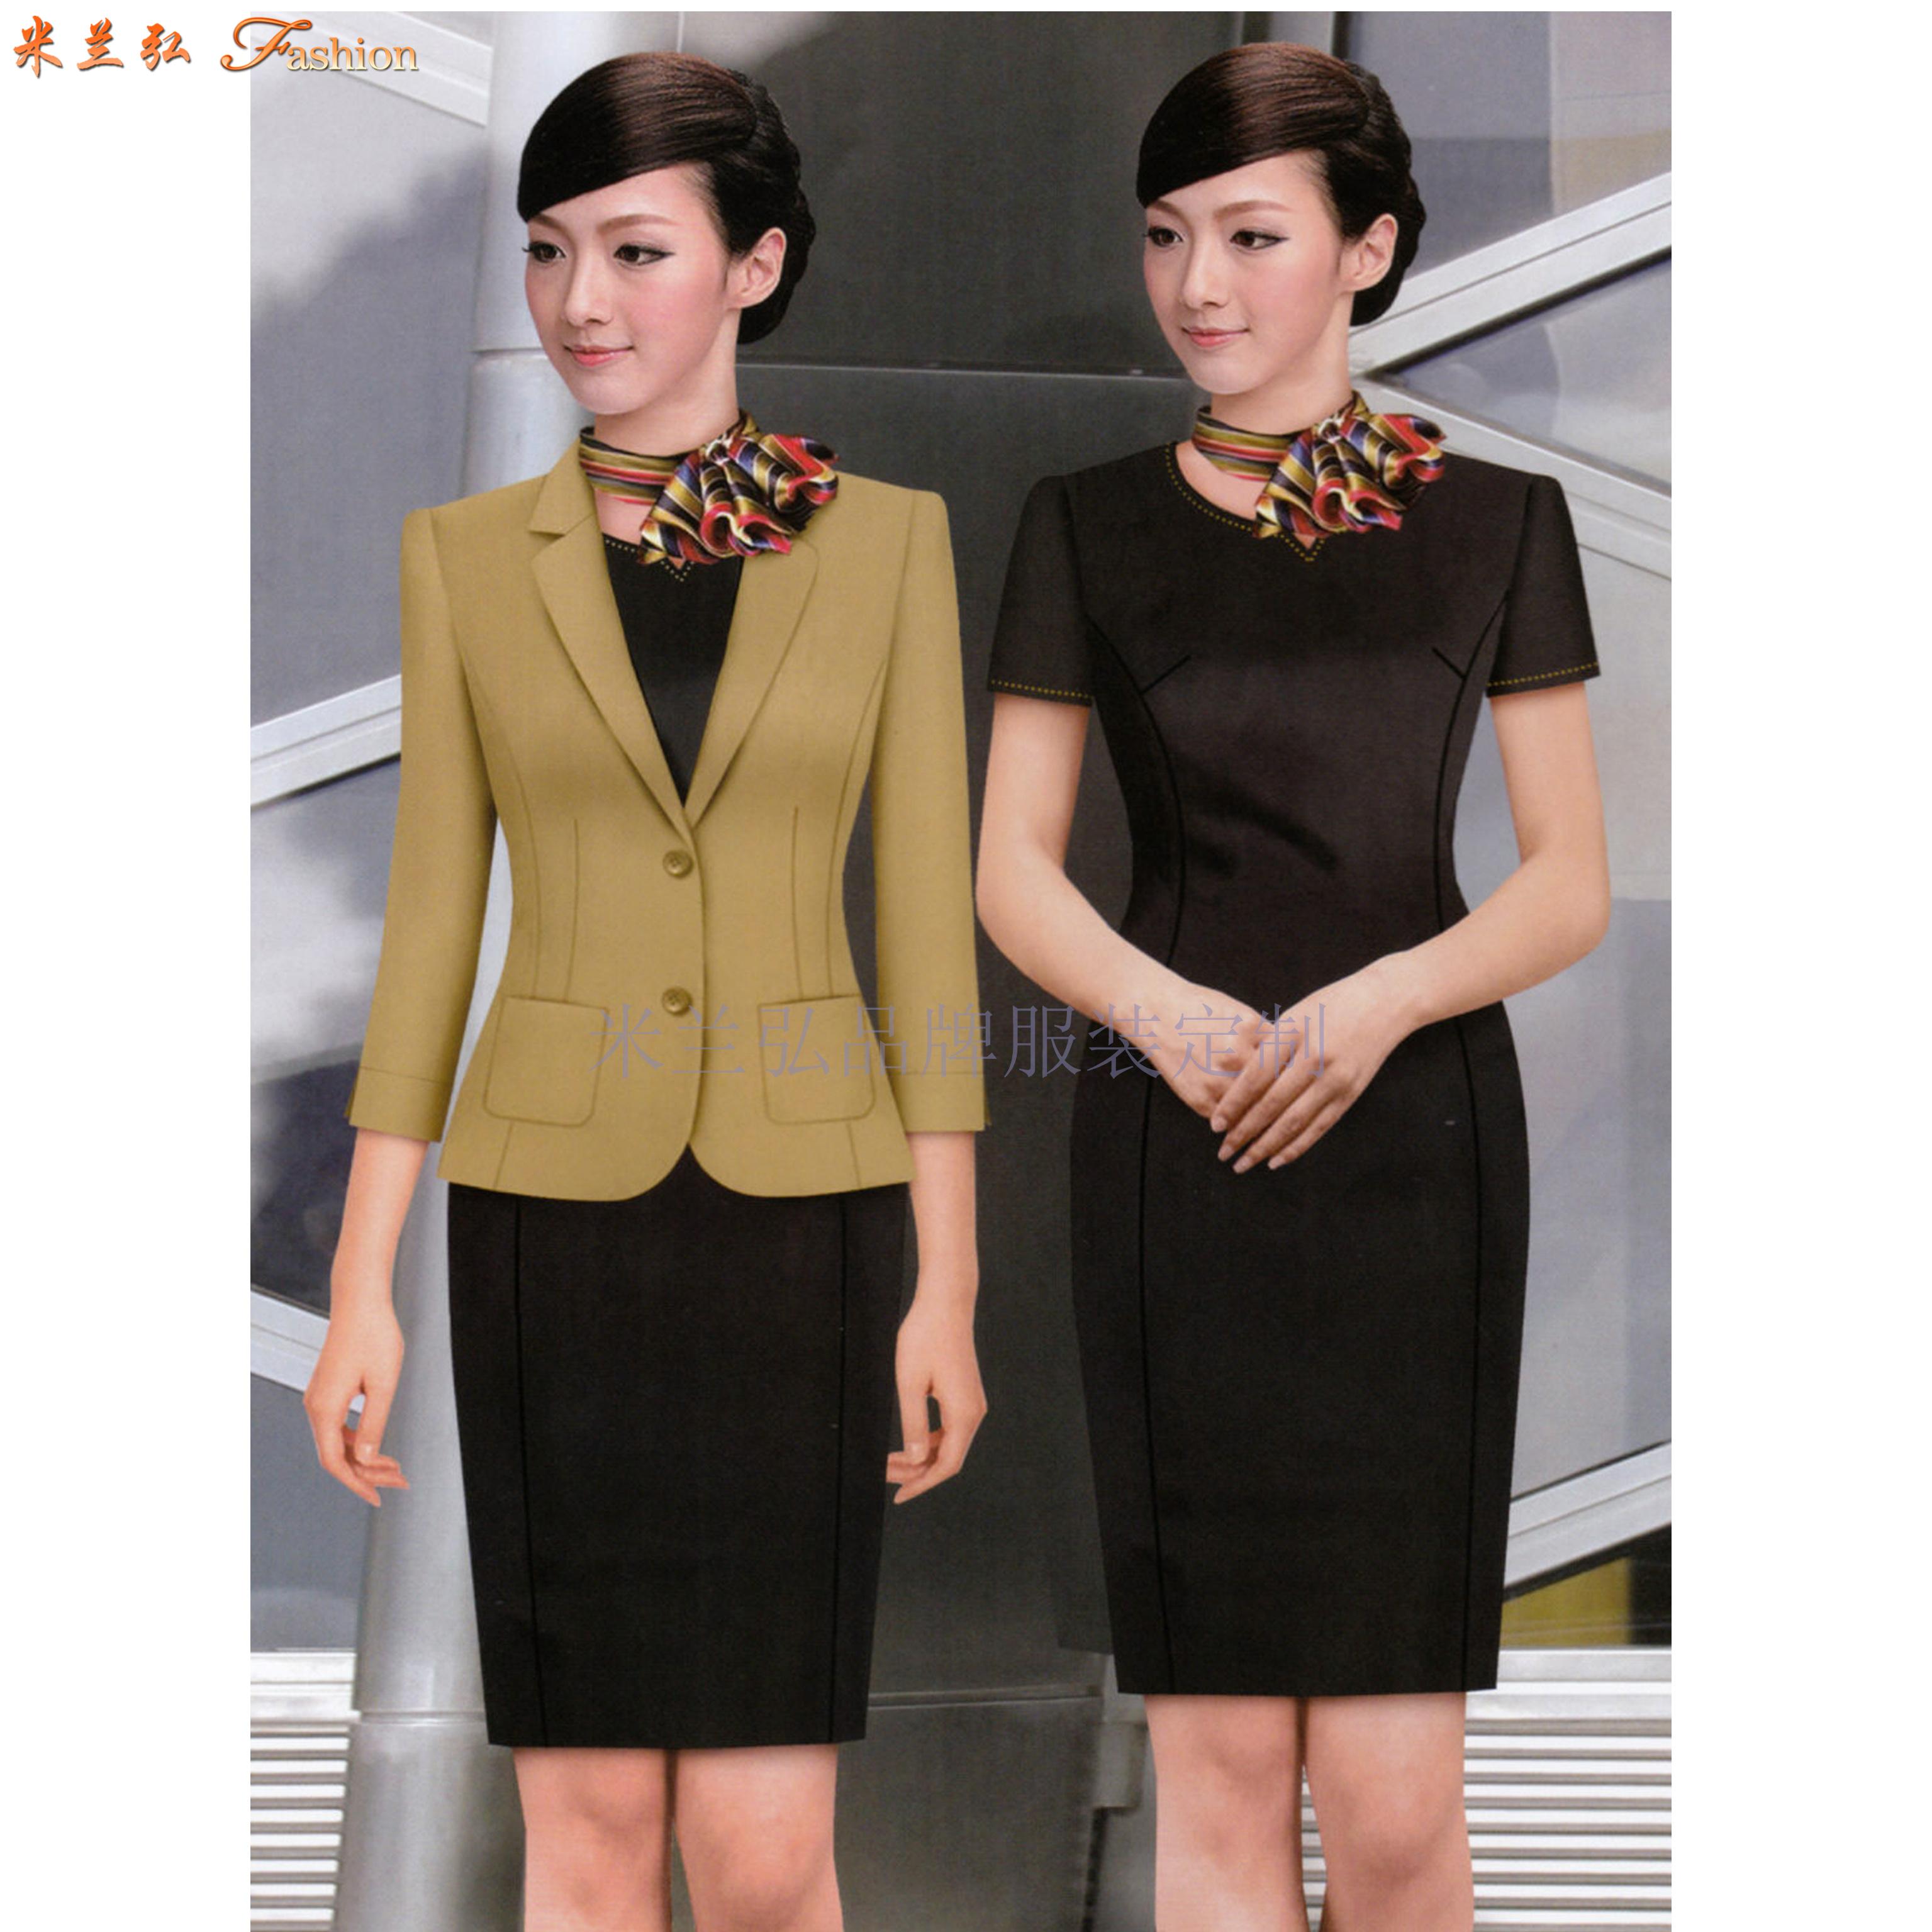 職業裝高檔連衣裙公司-國內職業裝品牌-米蘭弘服裝-4